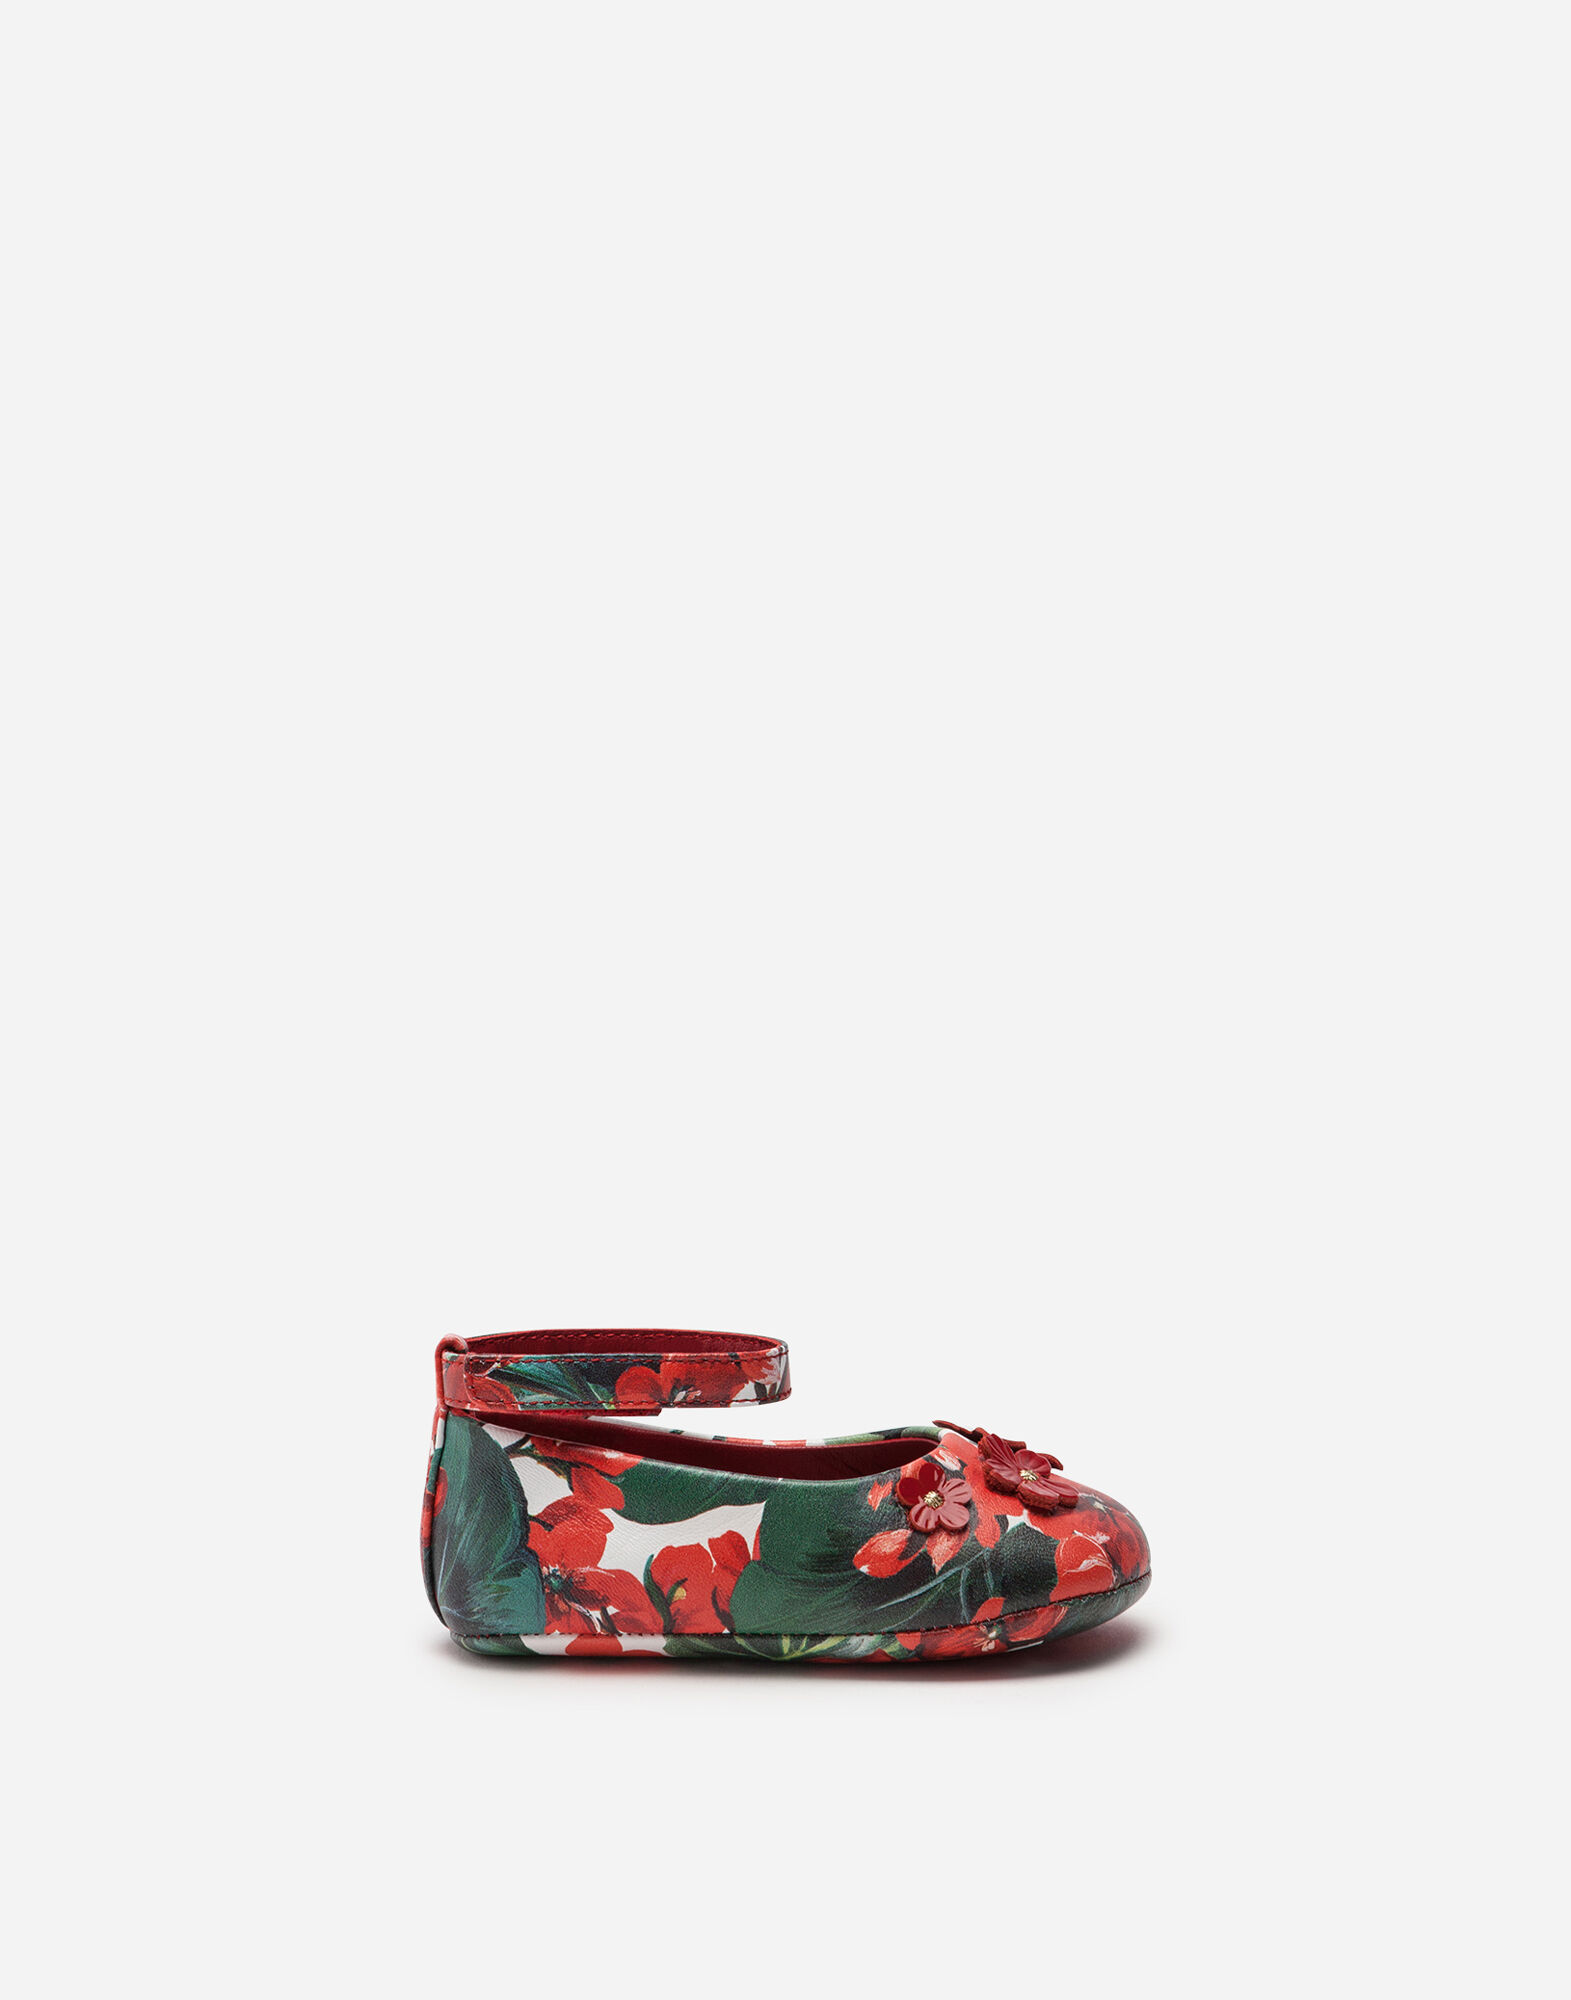 Bébé amp;gabbana Chaussures Chaussures Bébé FilleDolce Jc3l1TFK